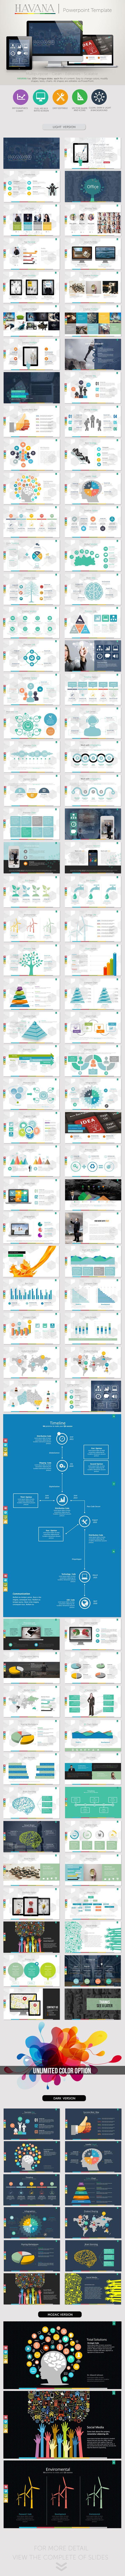 99 formas de besar ppt presentation